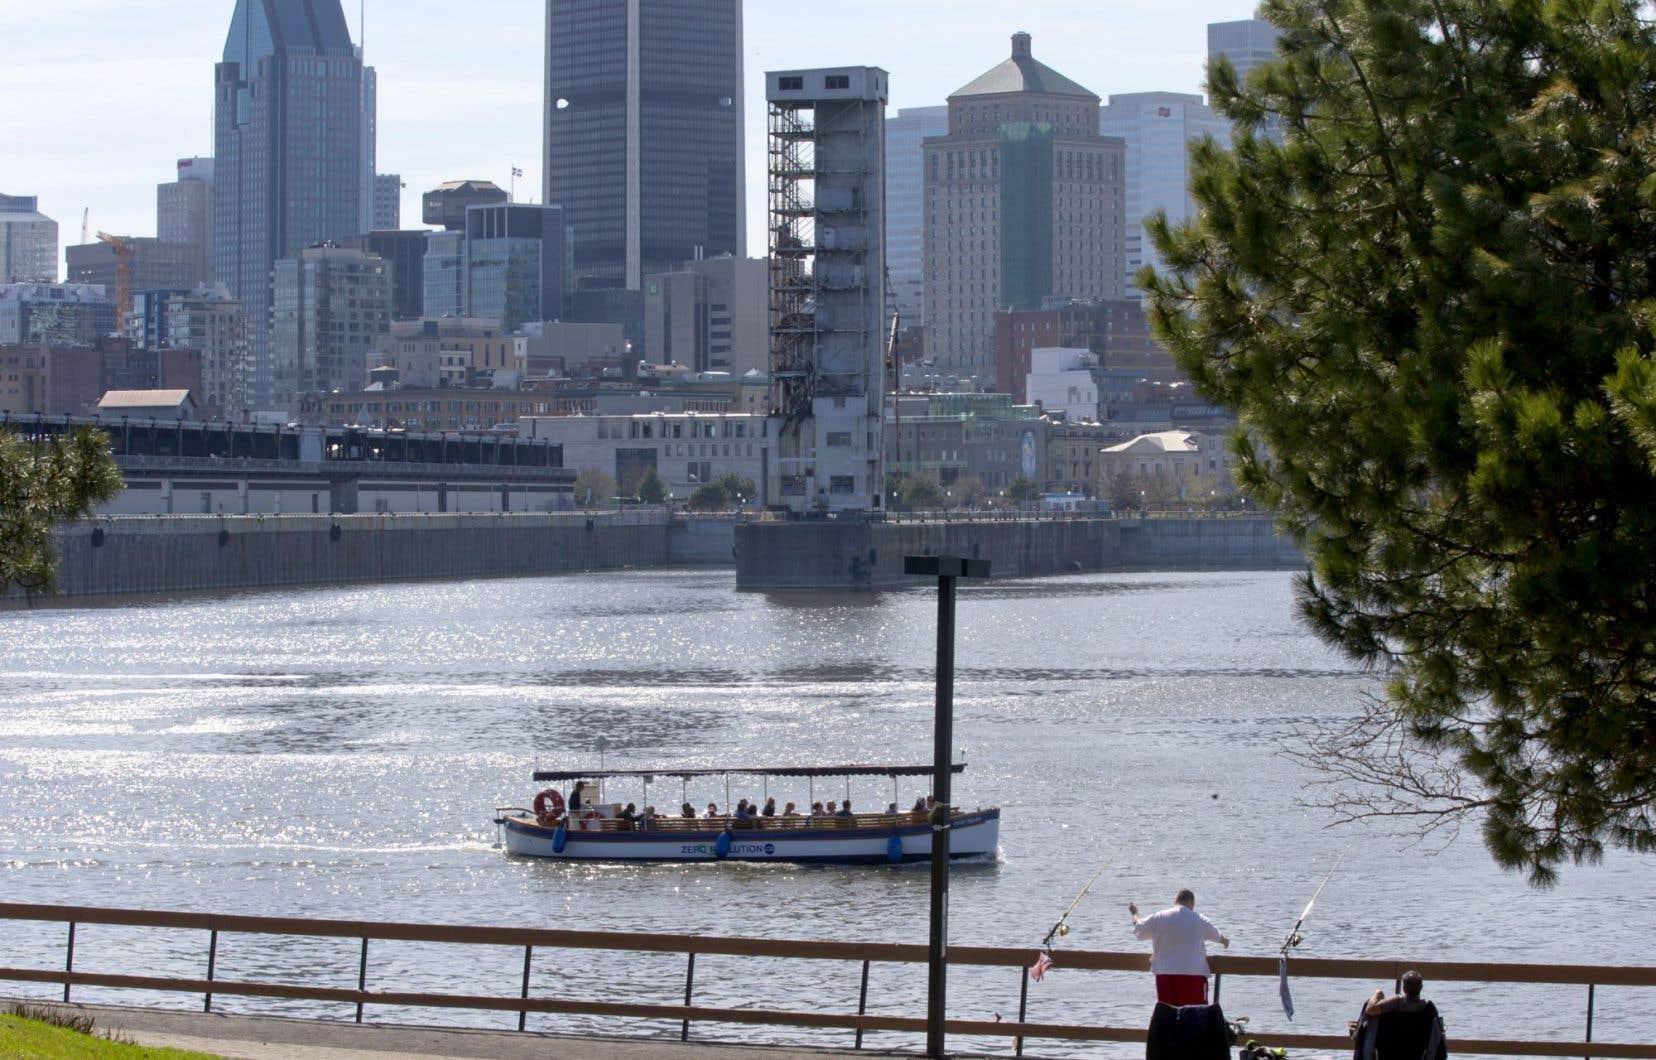 De façon exceptionnelle, la Ville de Montréal va laisser une partie de ses égouts se déverser directement dans l'eau pendant sept jours, sur sa rive sud.